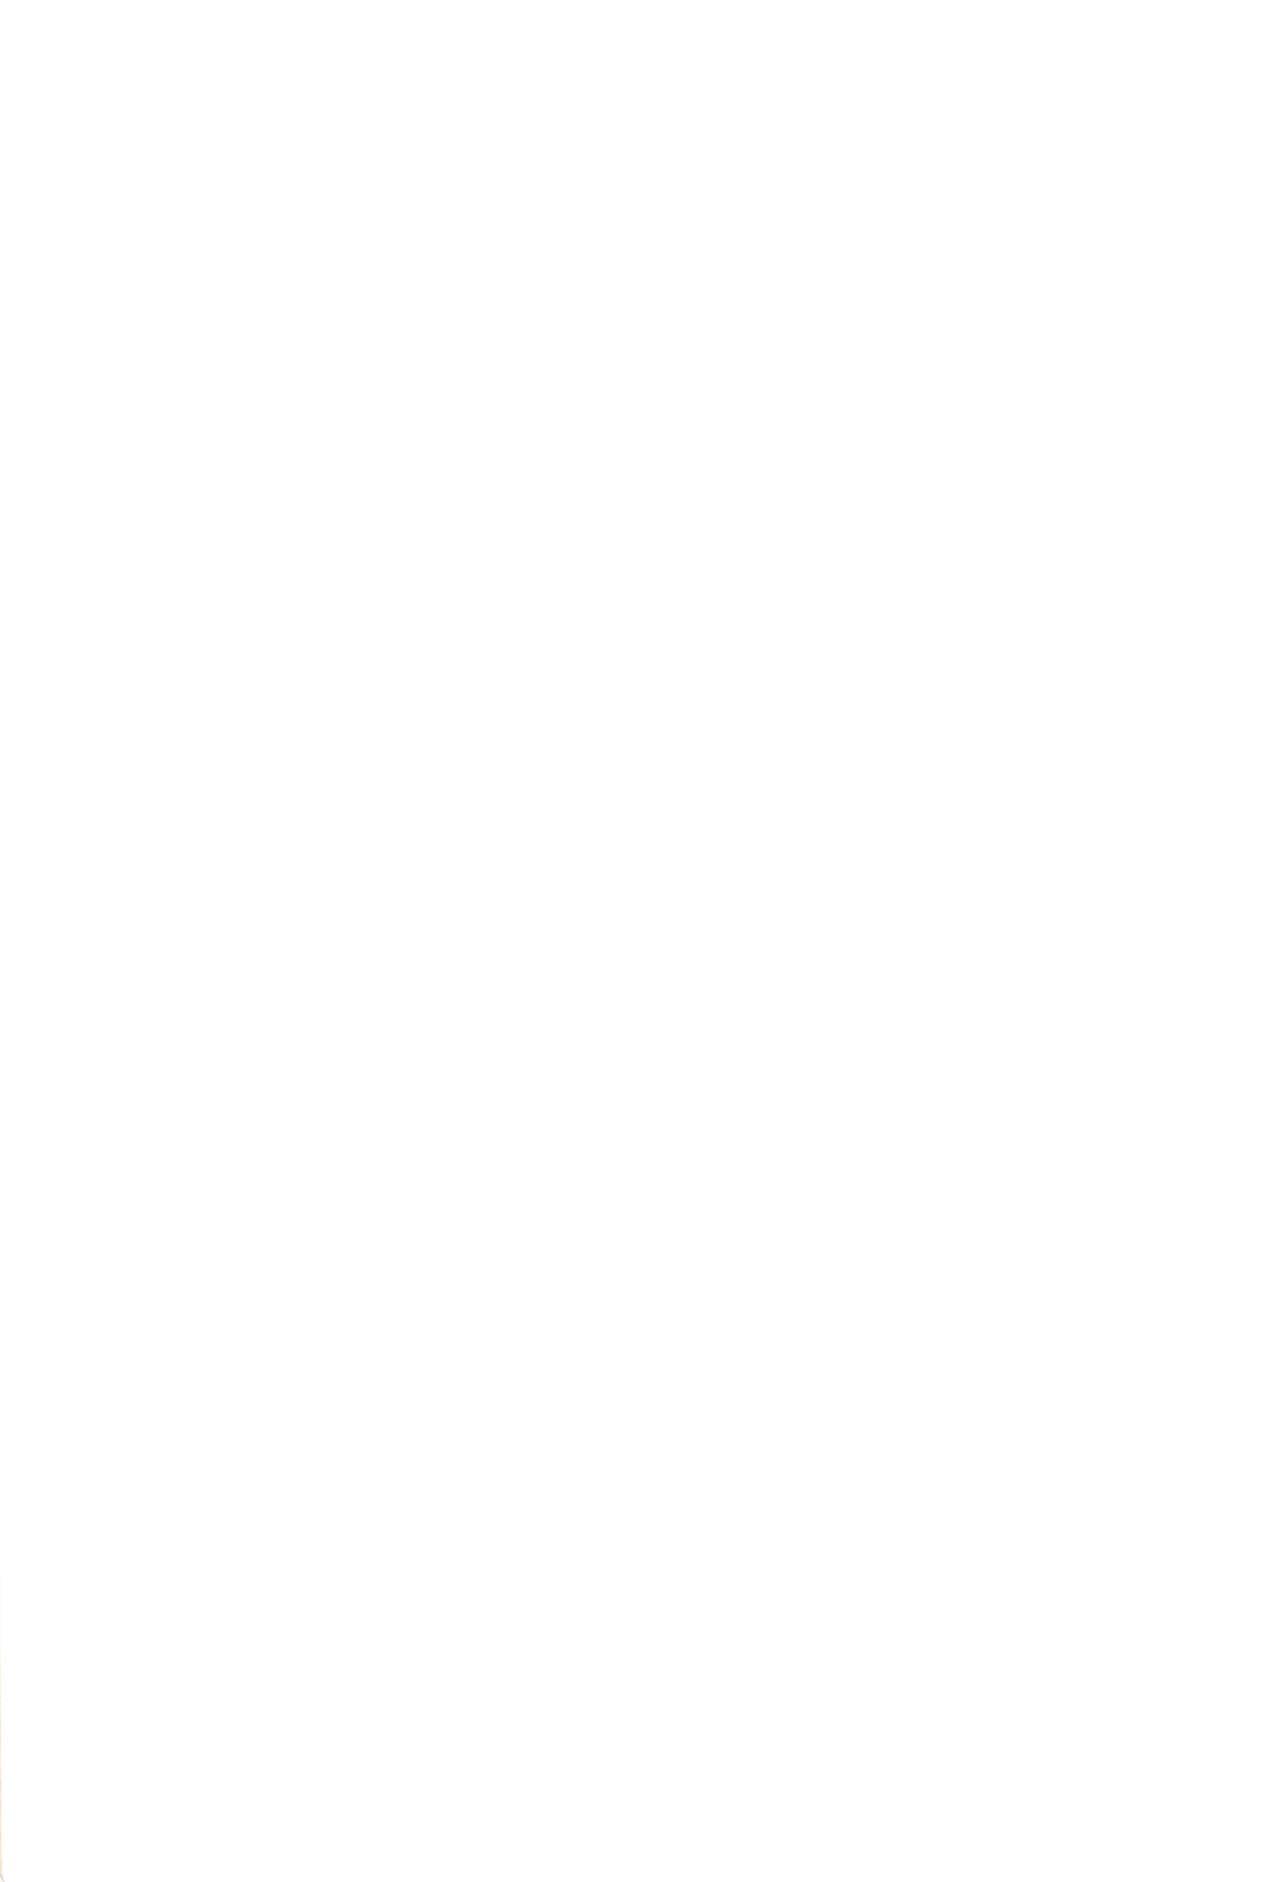 (C95) [Taikan Kyohougumi (Azusa Norihee)] Sakura-chan to Oshigoto Challenge - Ona-Hole Challenge with Sakura (Cardcaptor Sakura) [English] [biribiri] 1